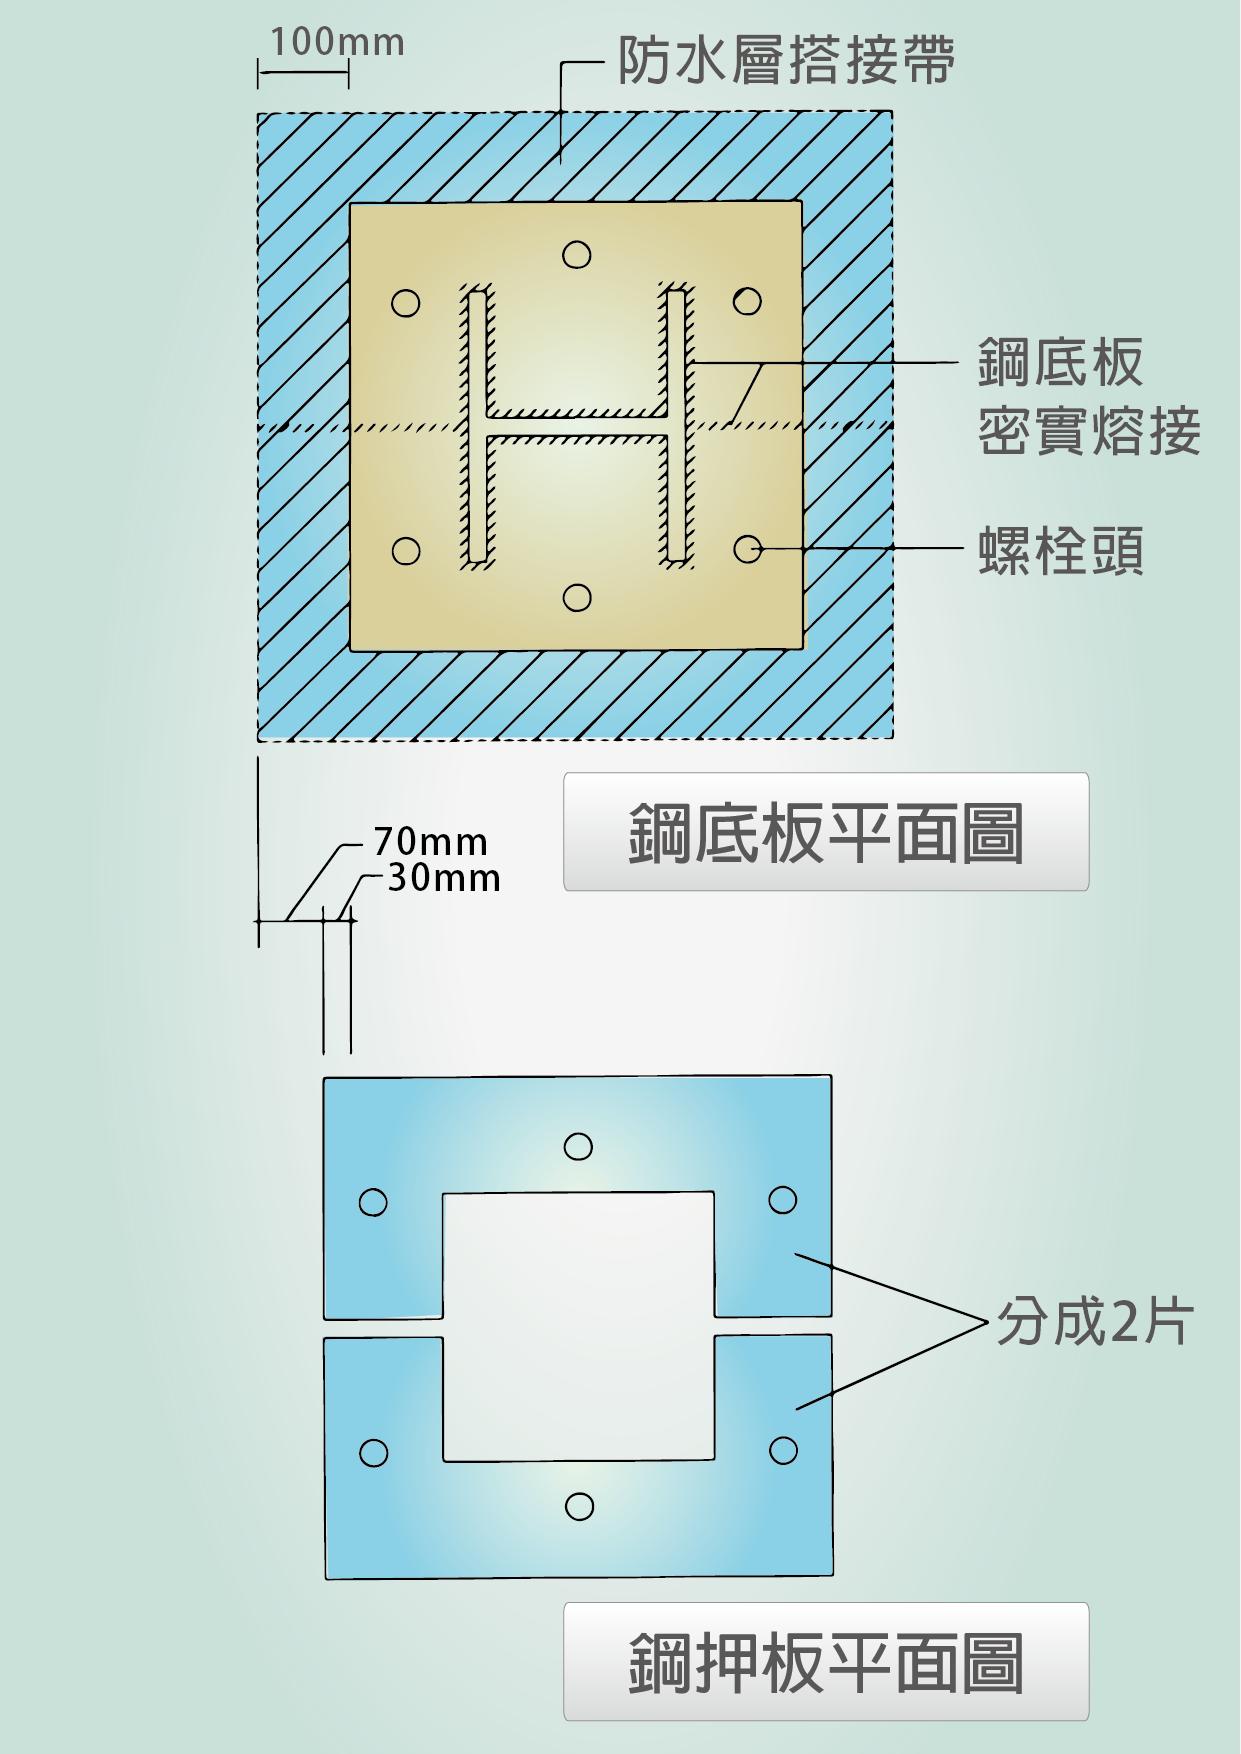 圖2-4-83(圖例三).png